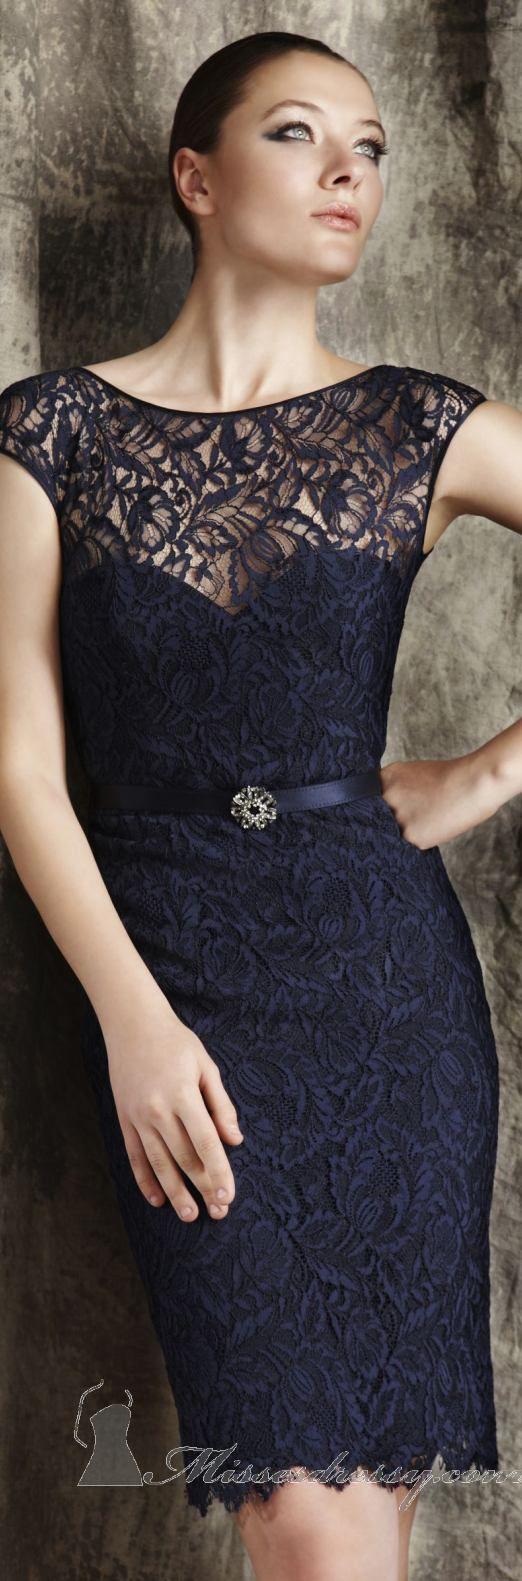 22 besten Kleider ♥ Bilder auf Pinterest | Abendkleider ...